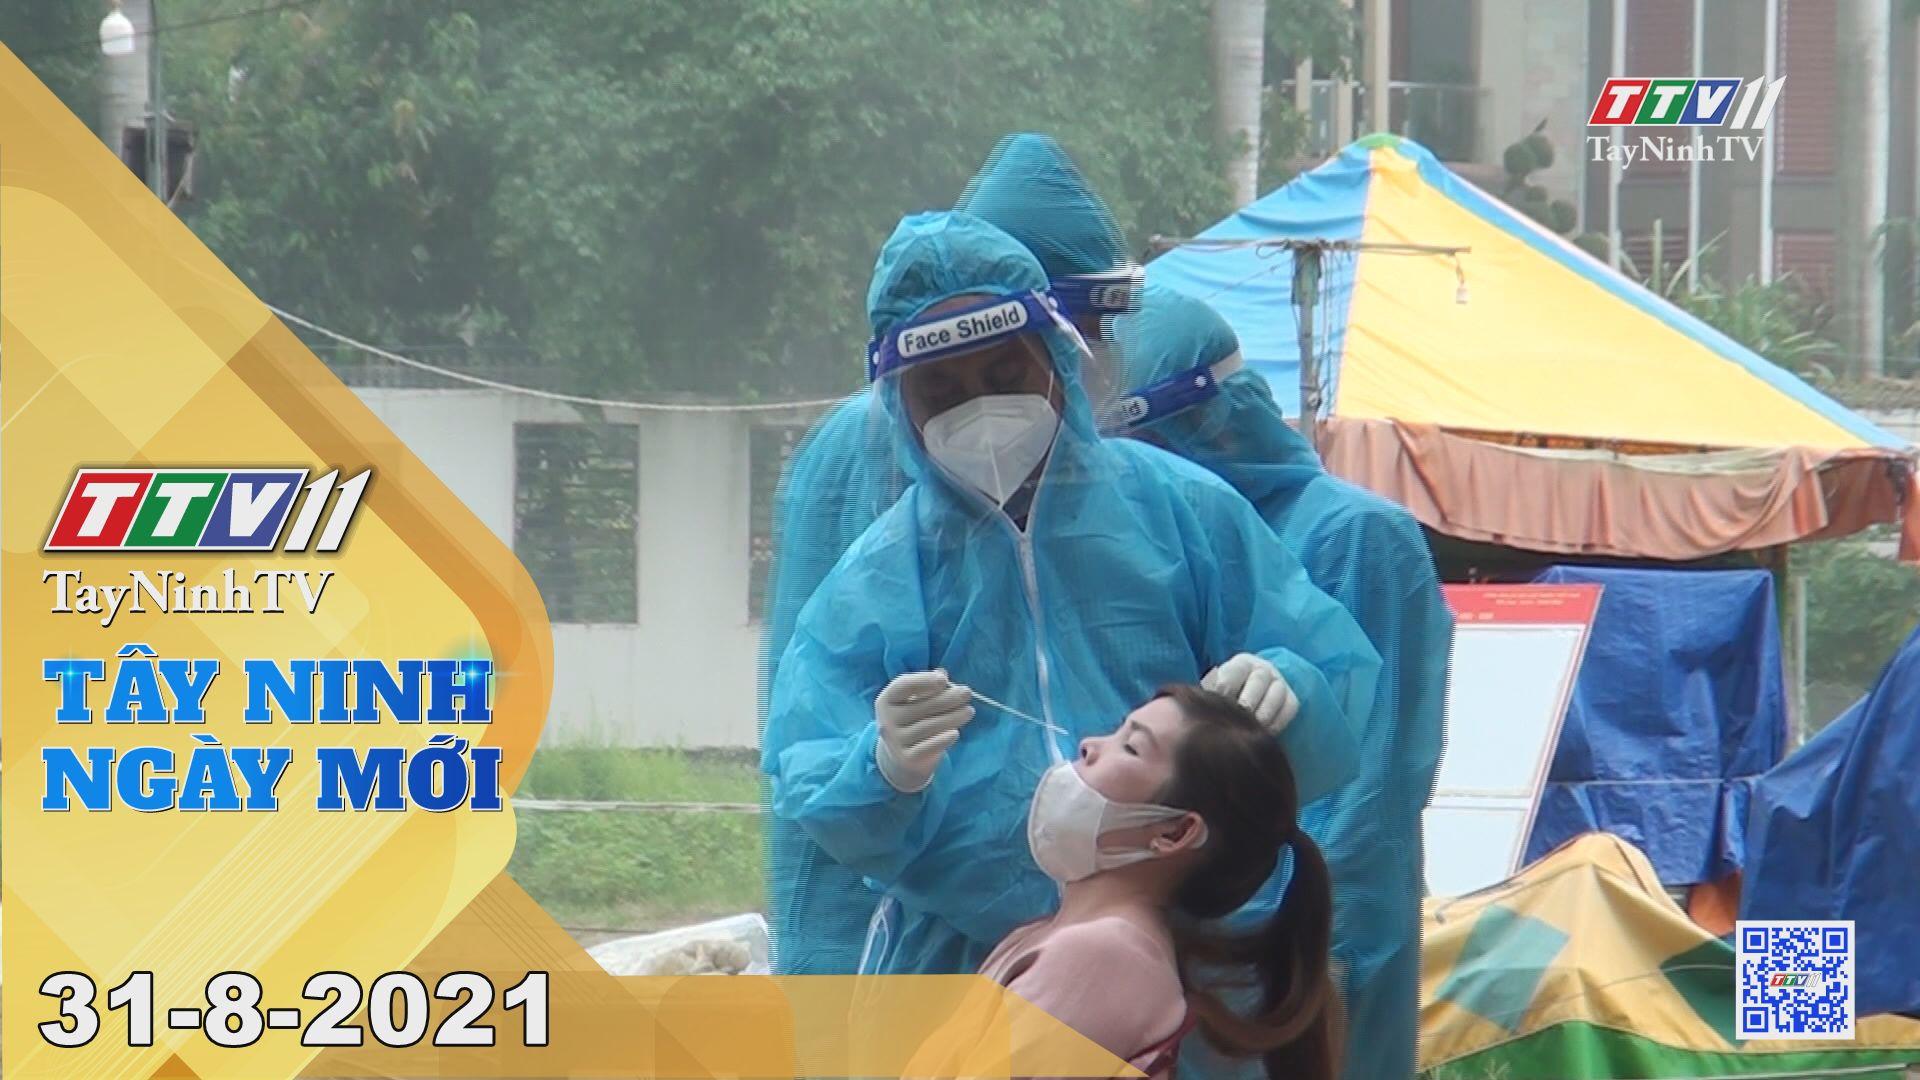 Tây Ninh Ngày Mới 31-8-2021 | Tin tức hôm nay | TayNinhTV